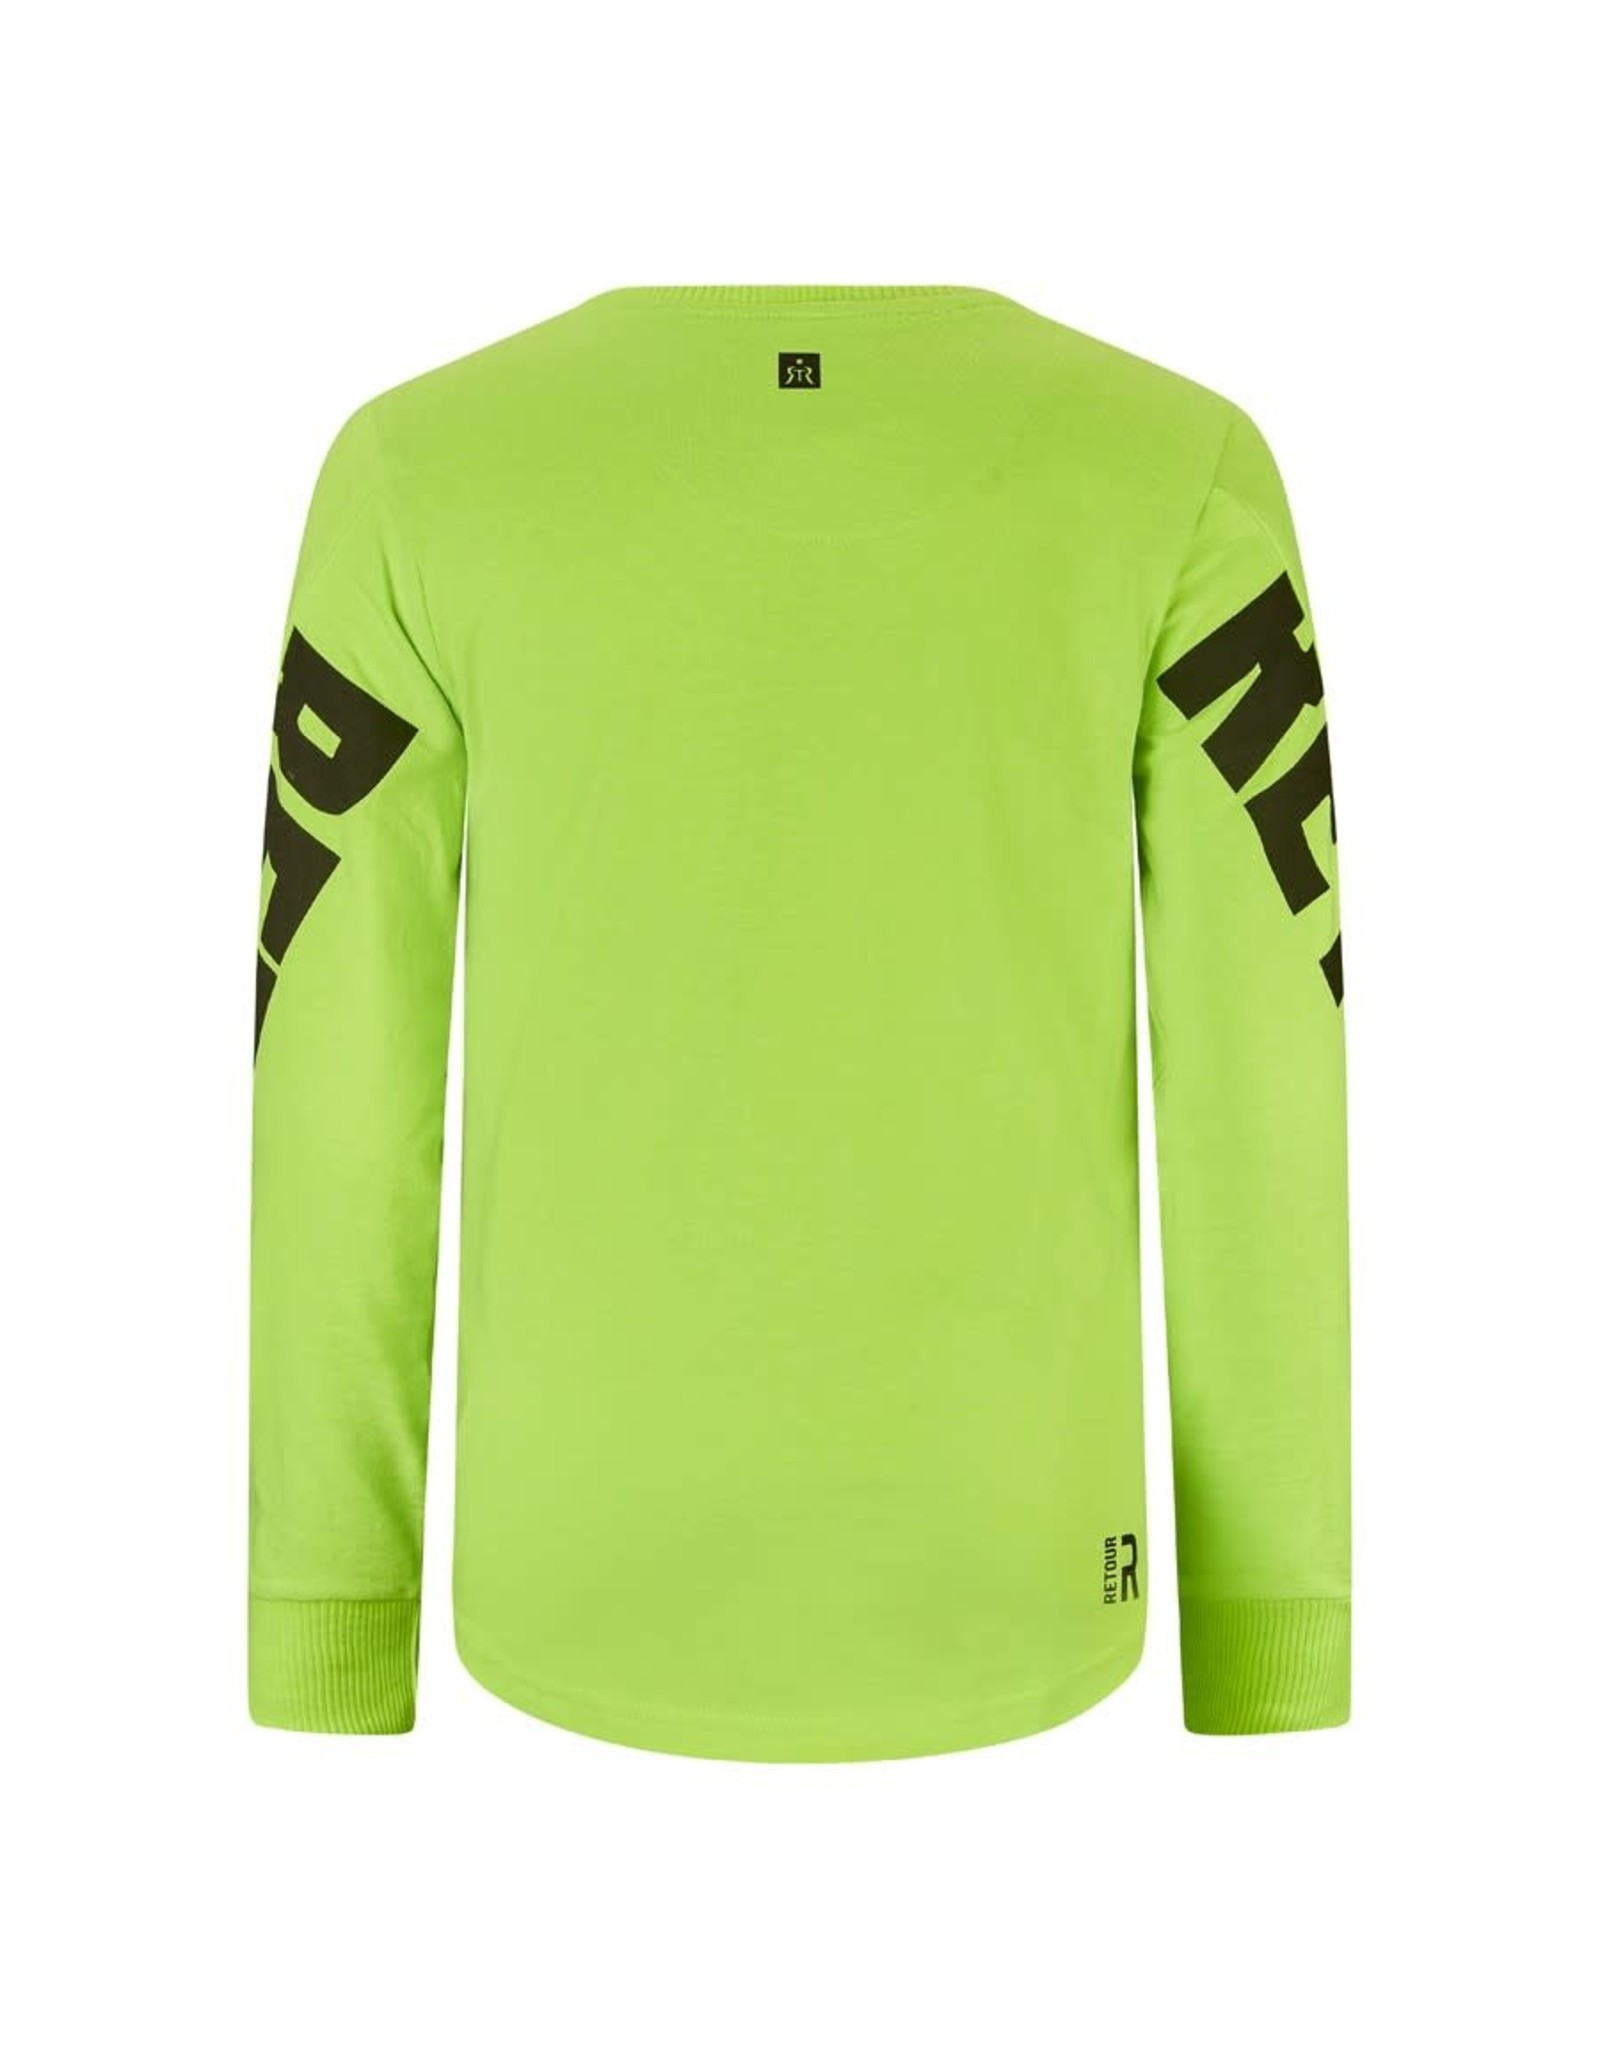 Retour Clive 6000 Neon green